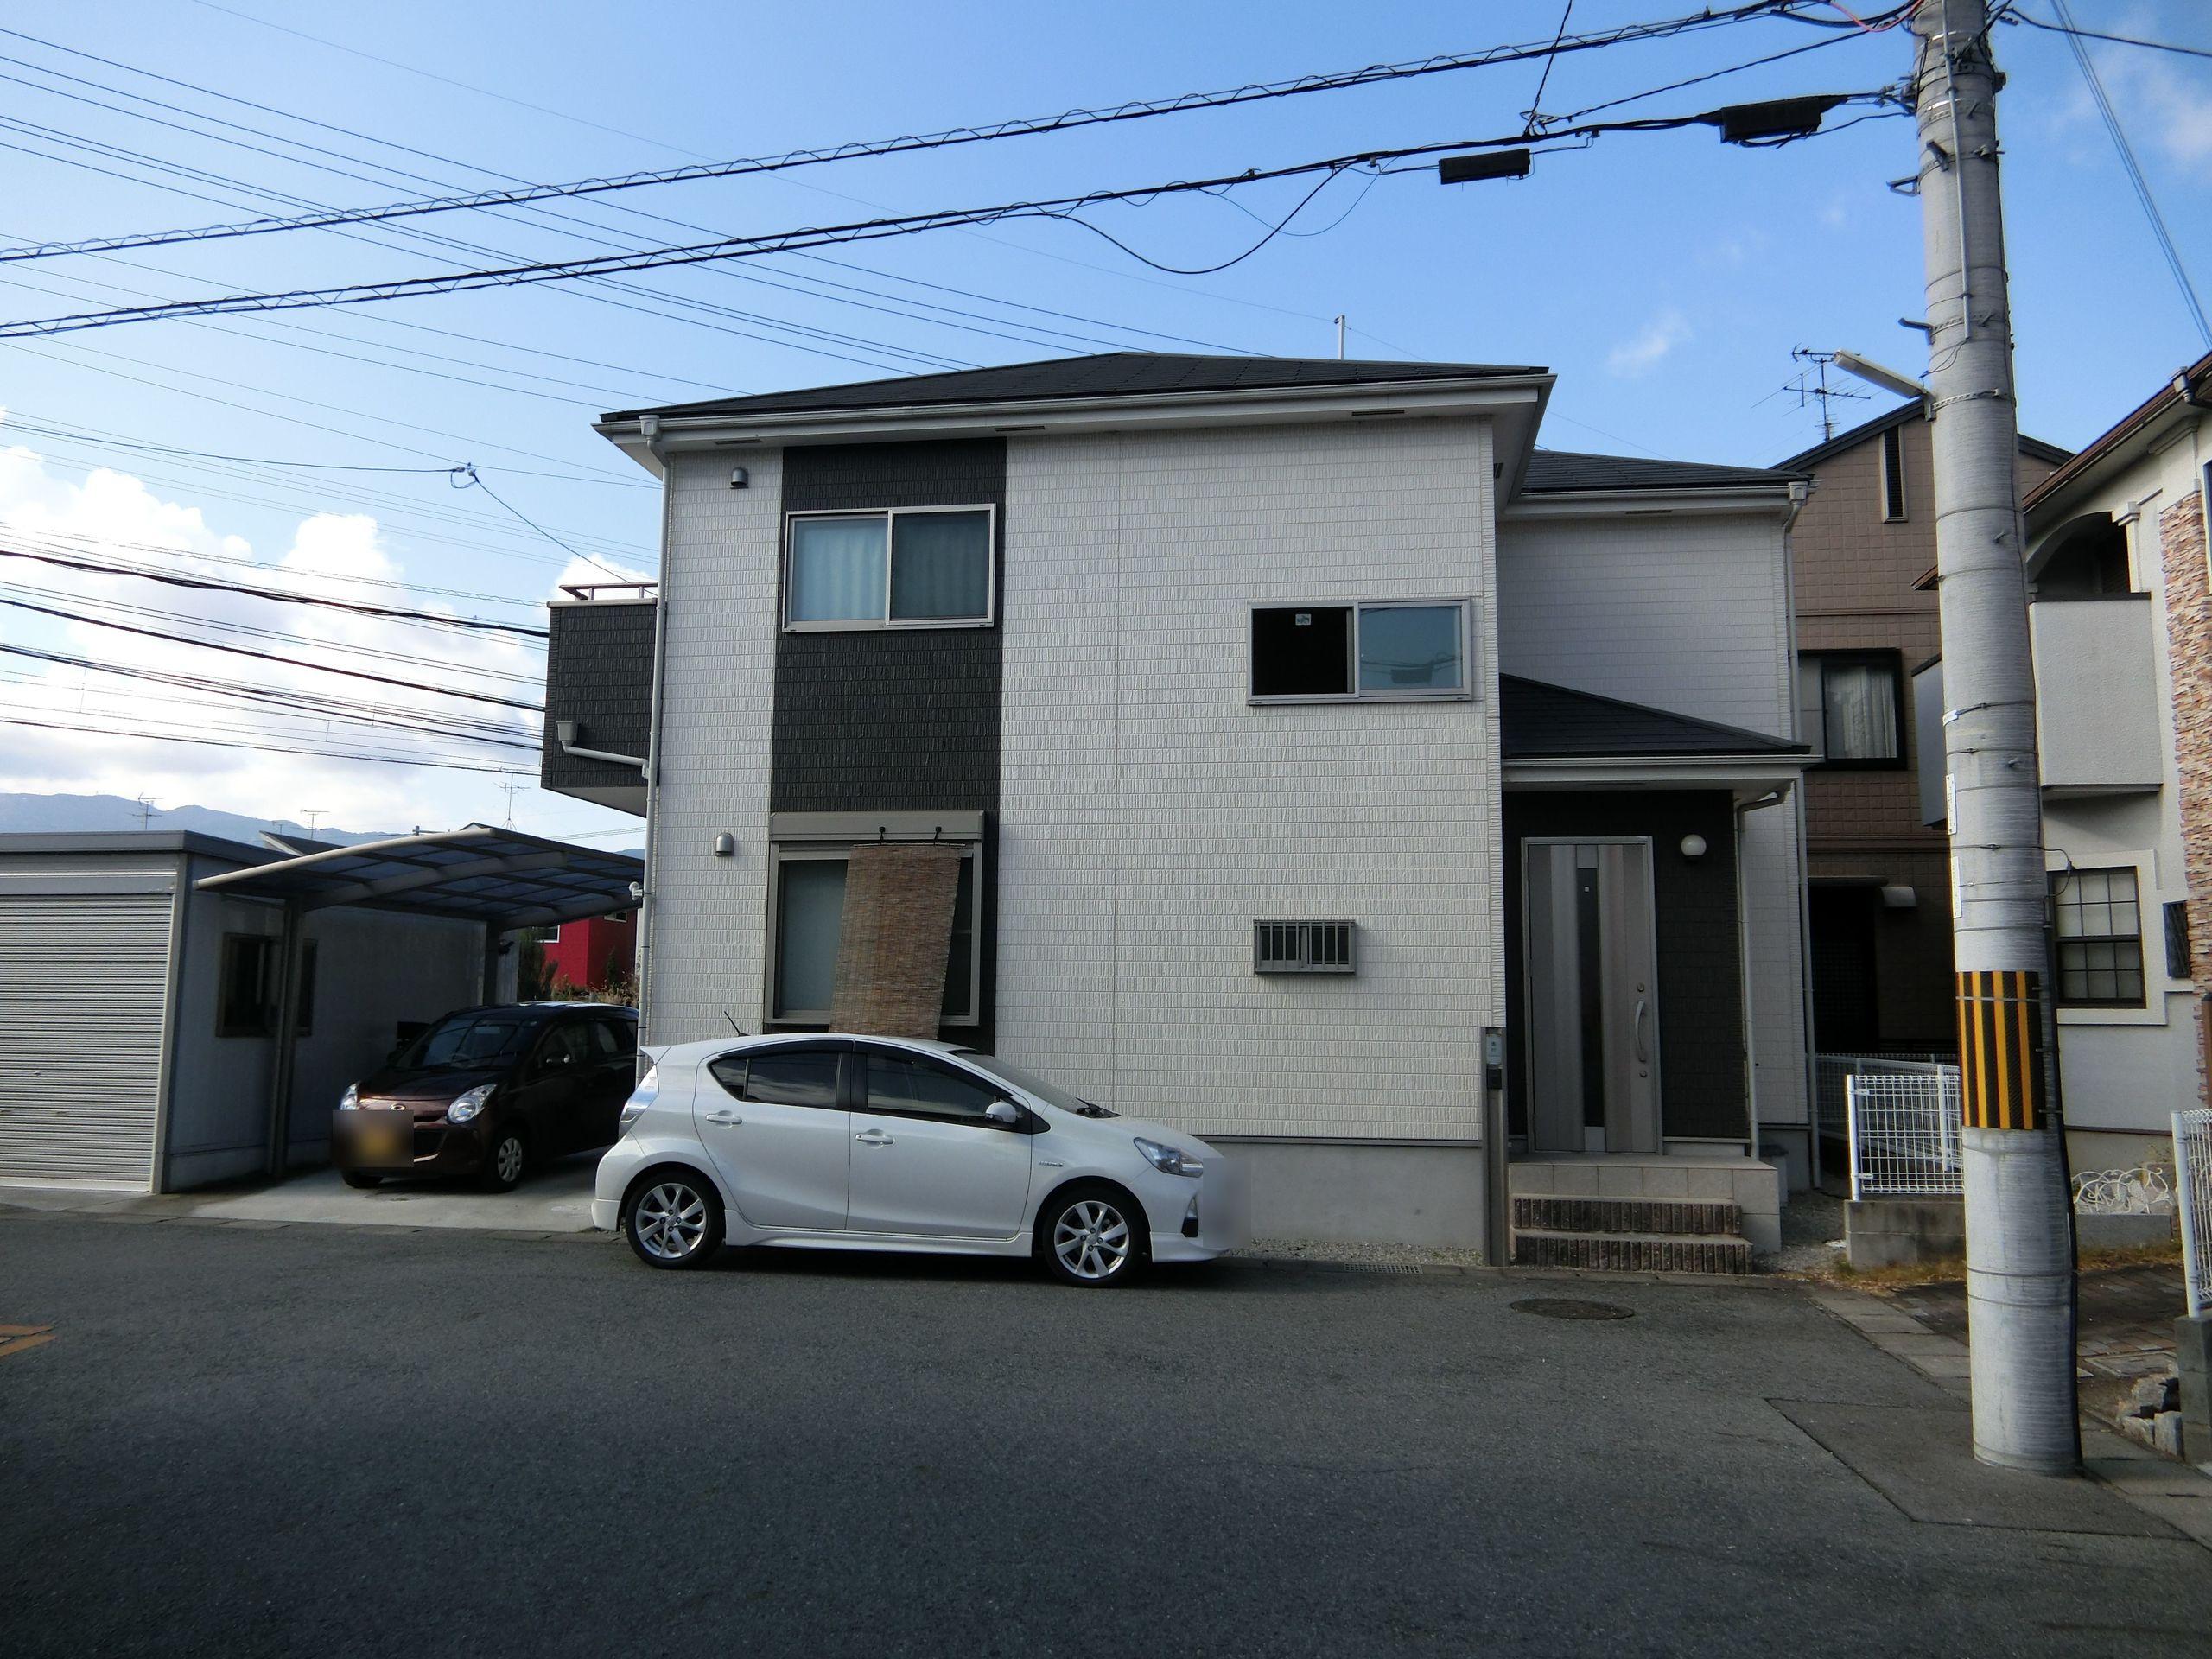 【外観写真】 平成23年完成の築浅物件です。 周辺は分譲地として整備されております。月々4万円台のお支払いで購入できます。